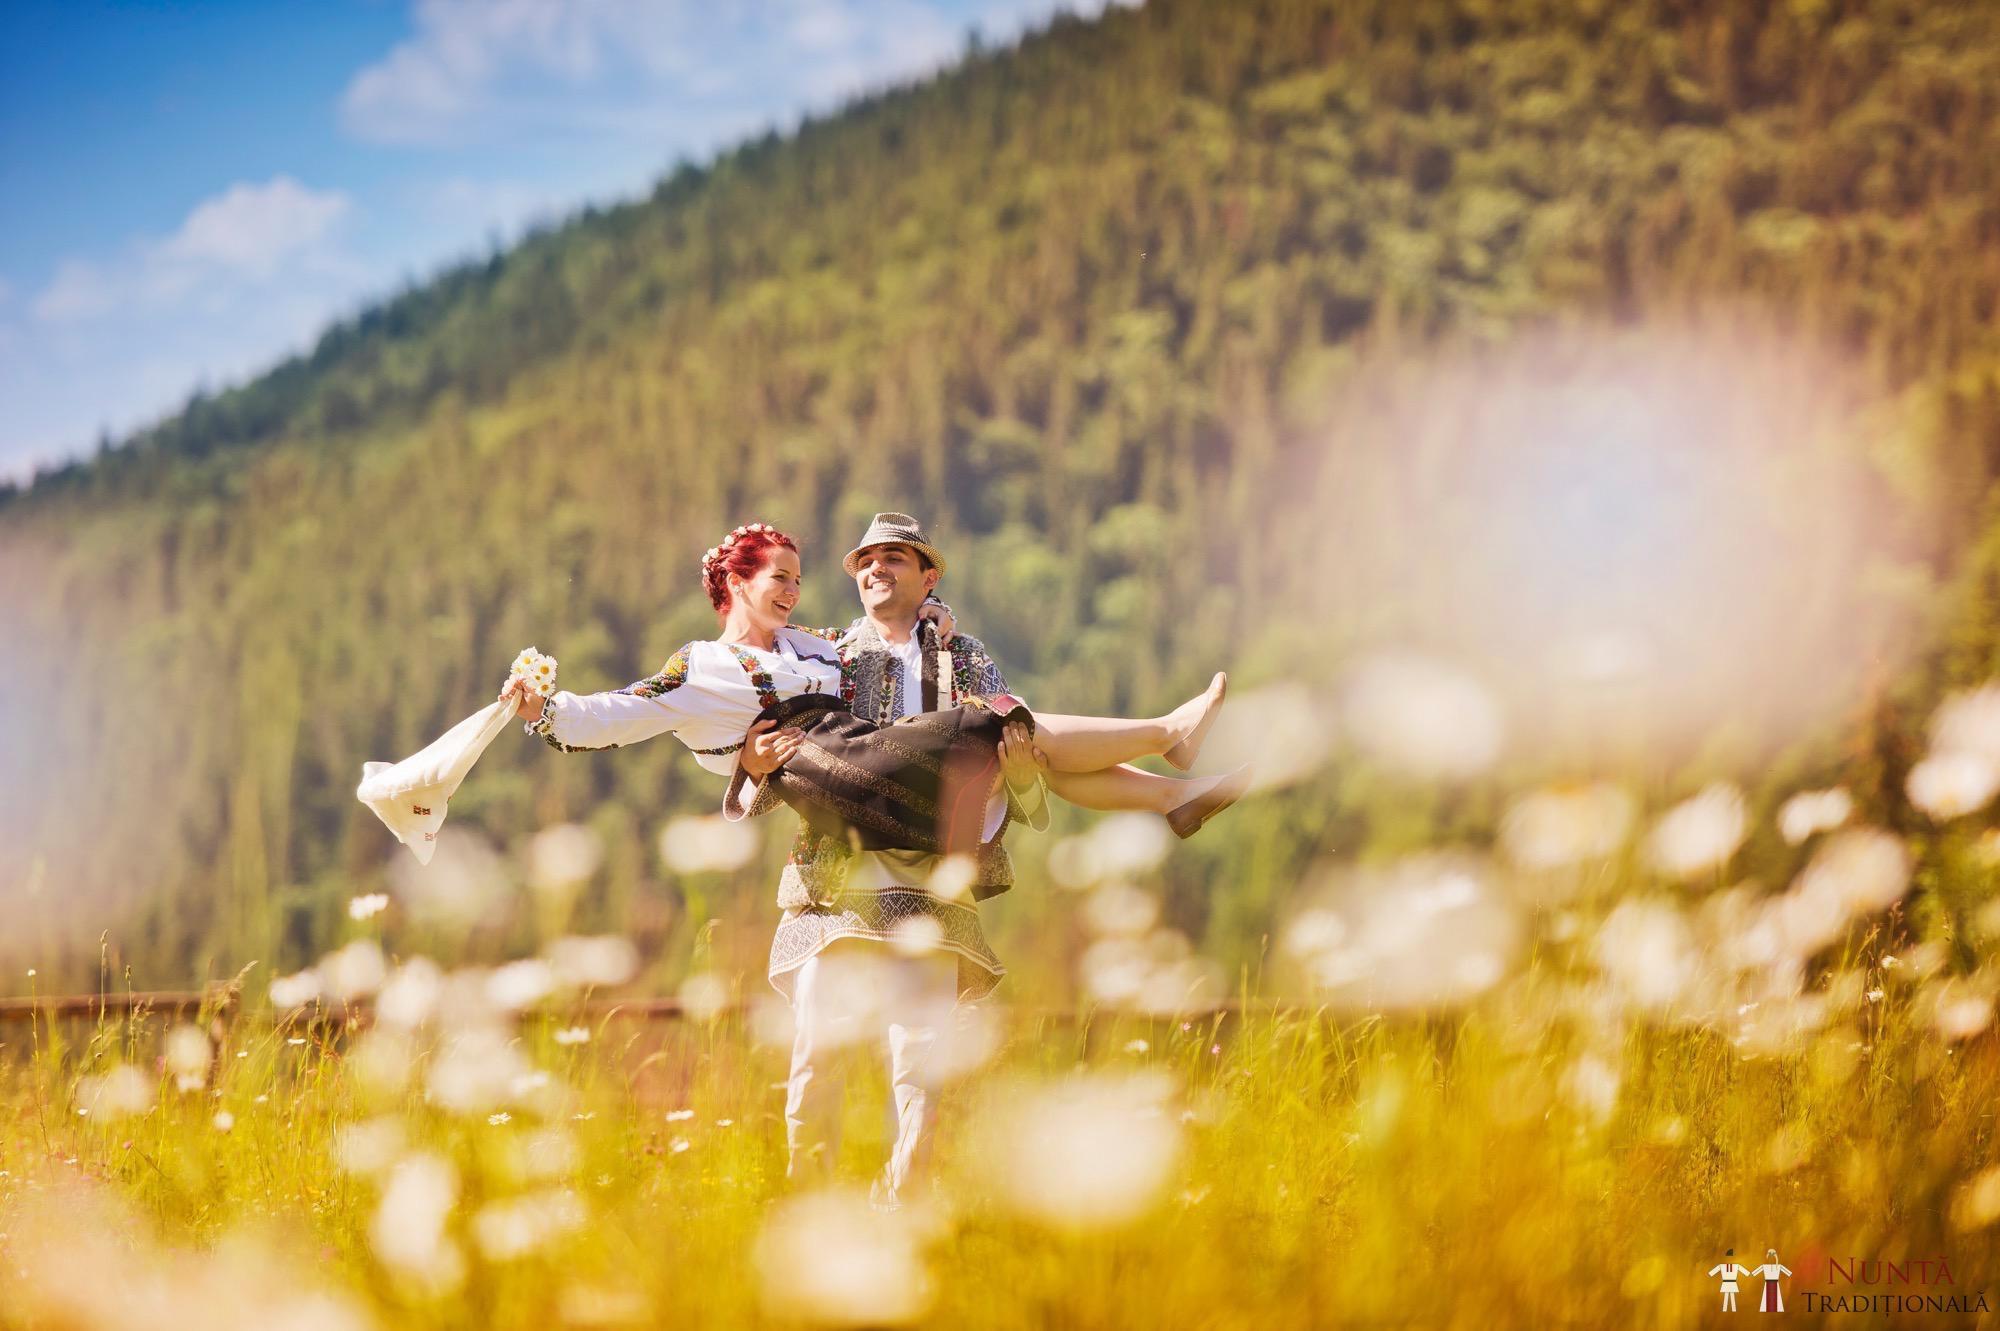 Povești Nunți Tradiționale - Gabriela și Mădălin - Nuntă Tradițională în Suceava, Bucovina 15